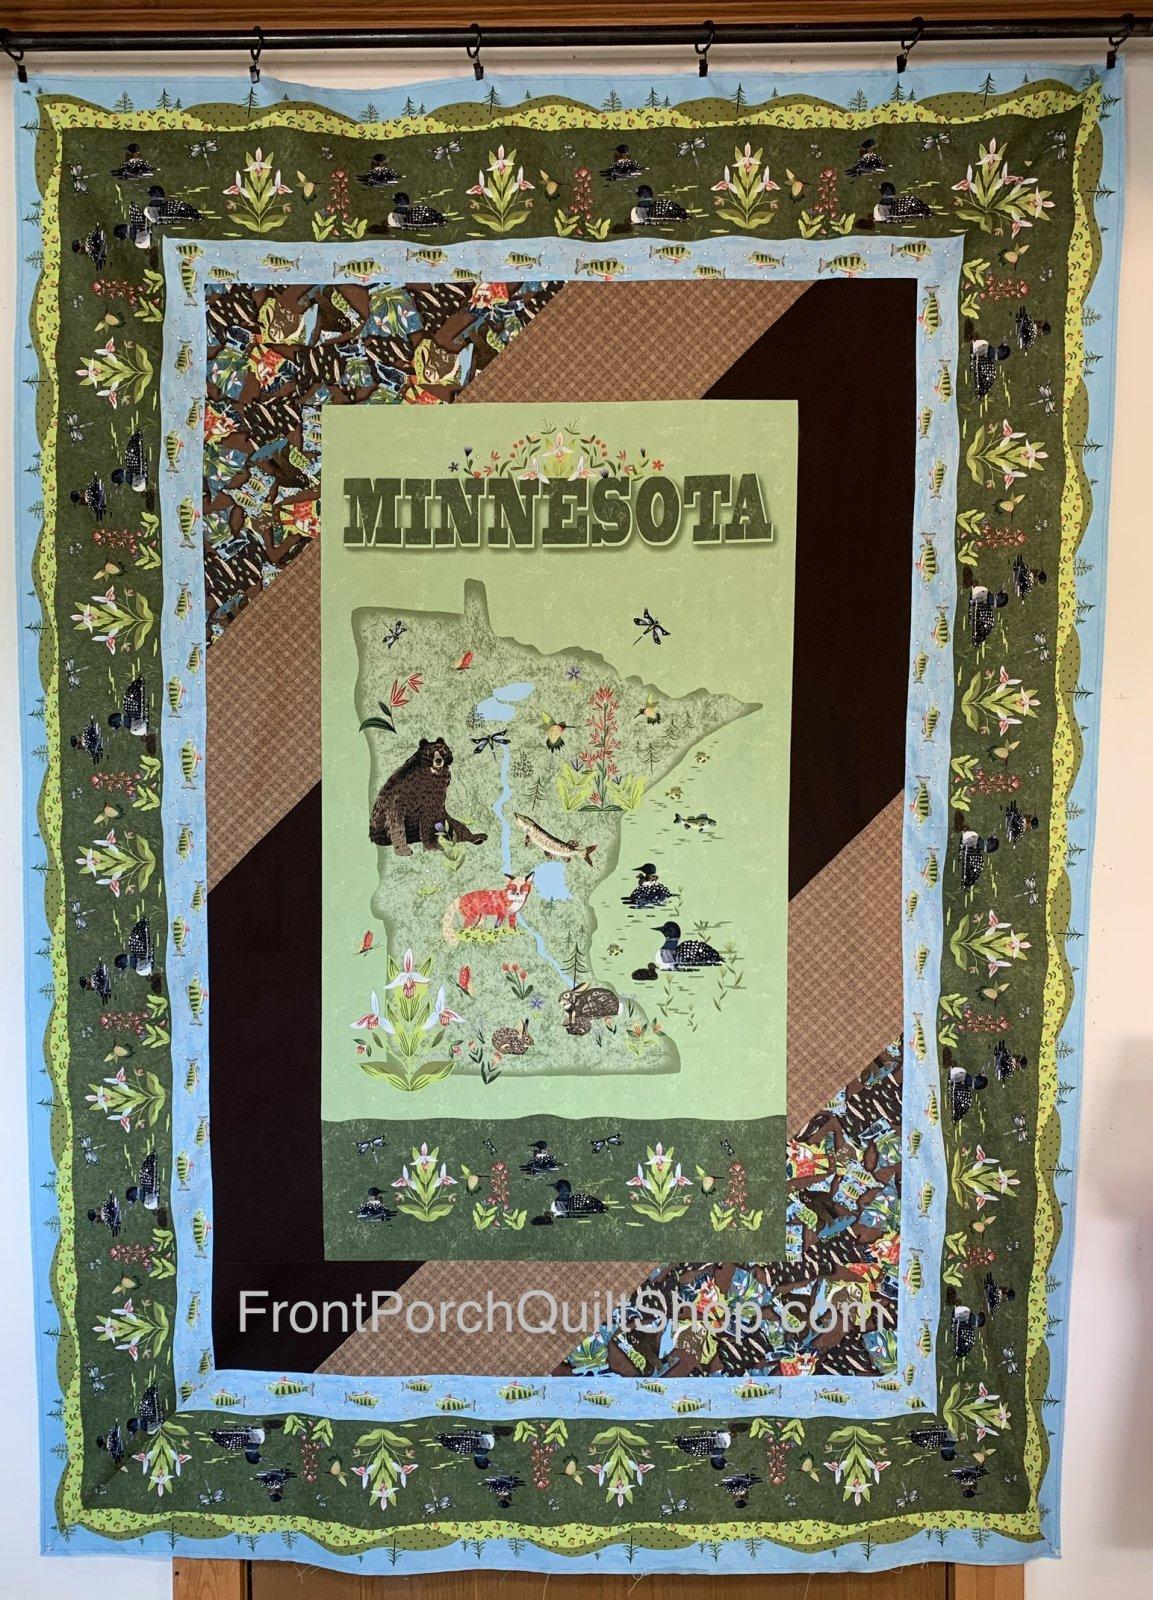 Diva 2 Quilt Minnesota 2020 Kit